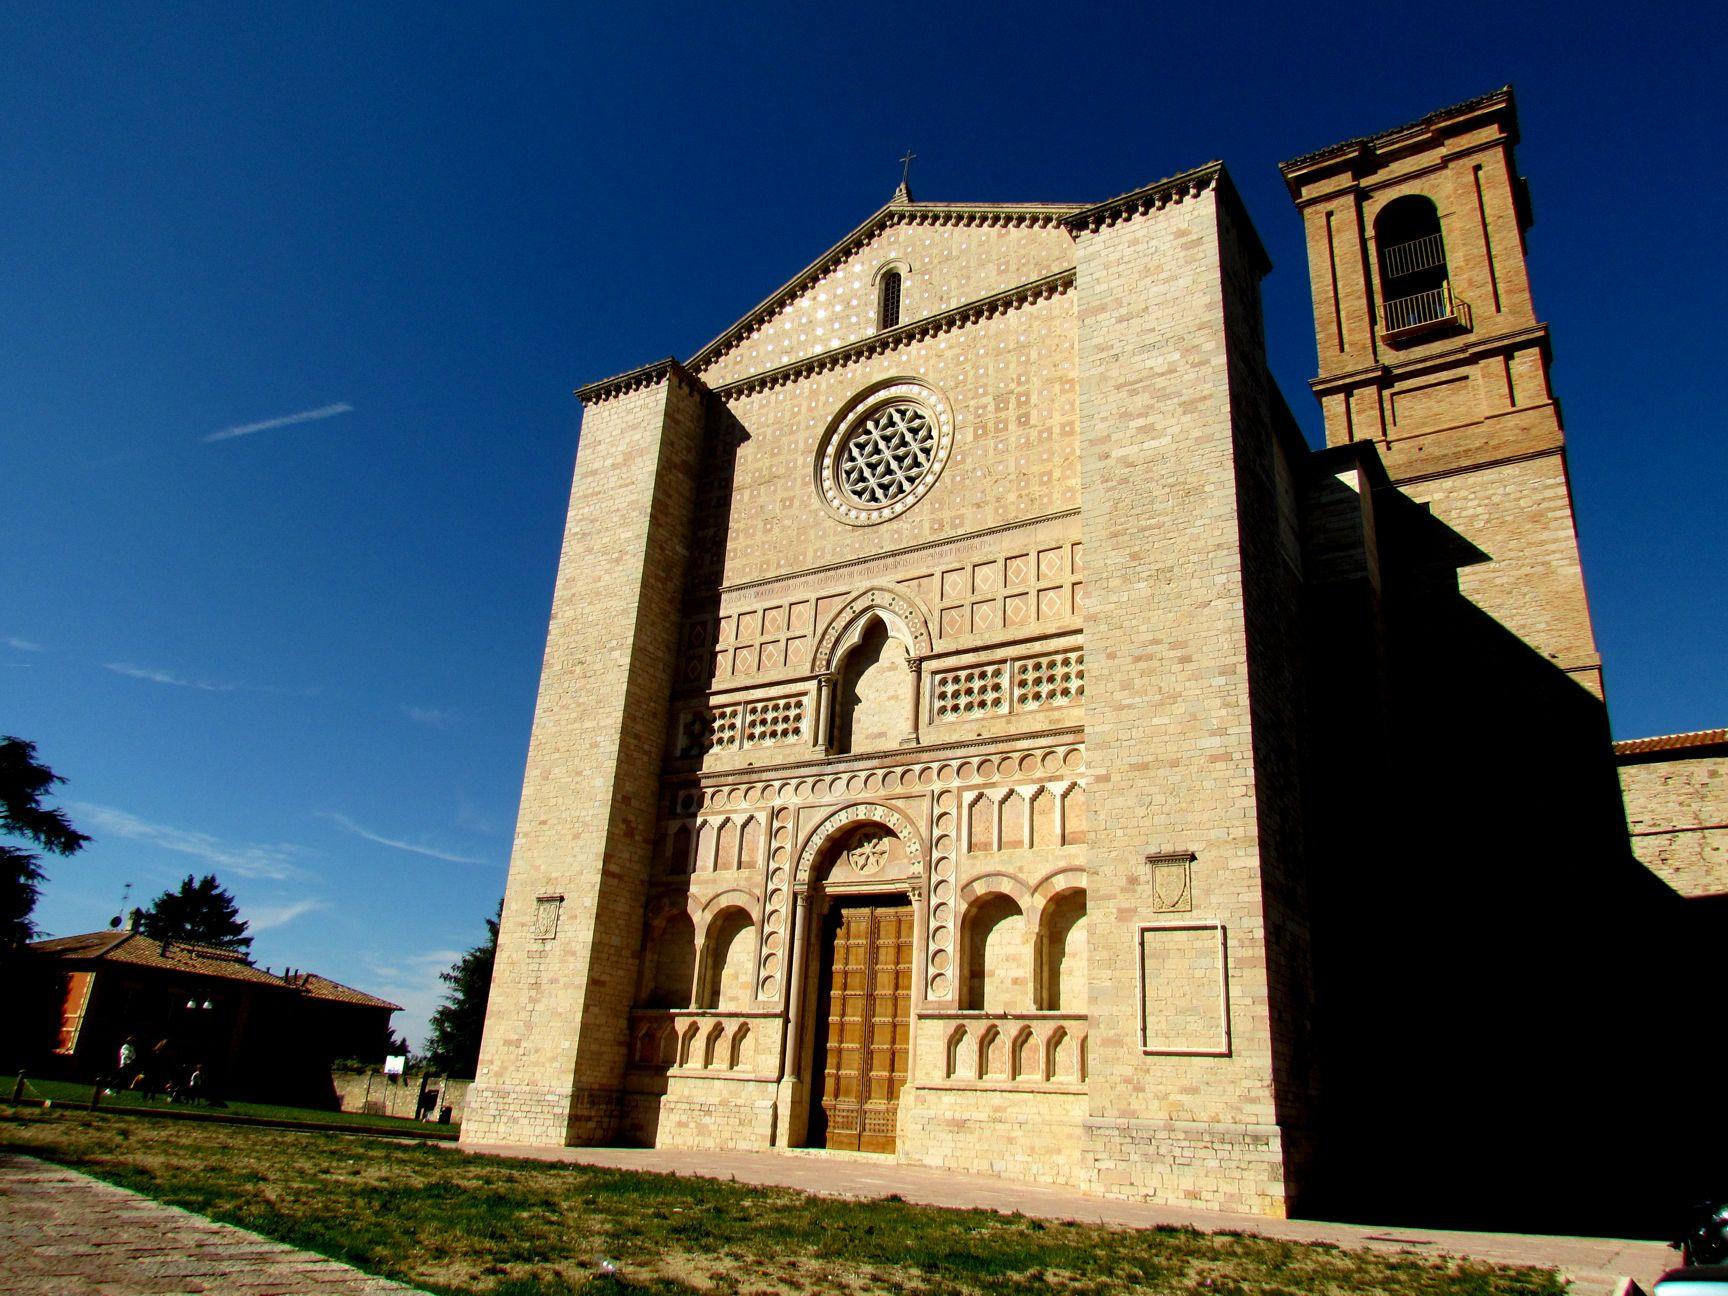 Chiesa di san francesco al prato wikipedia for Piazza san francesco prato